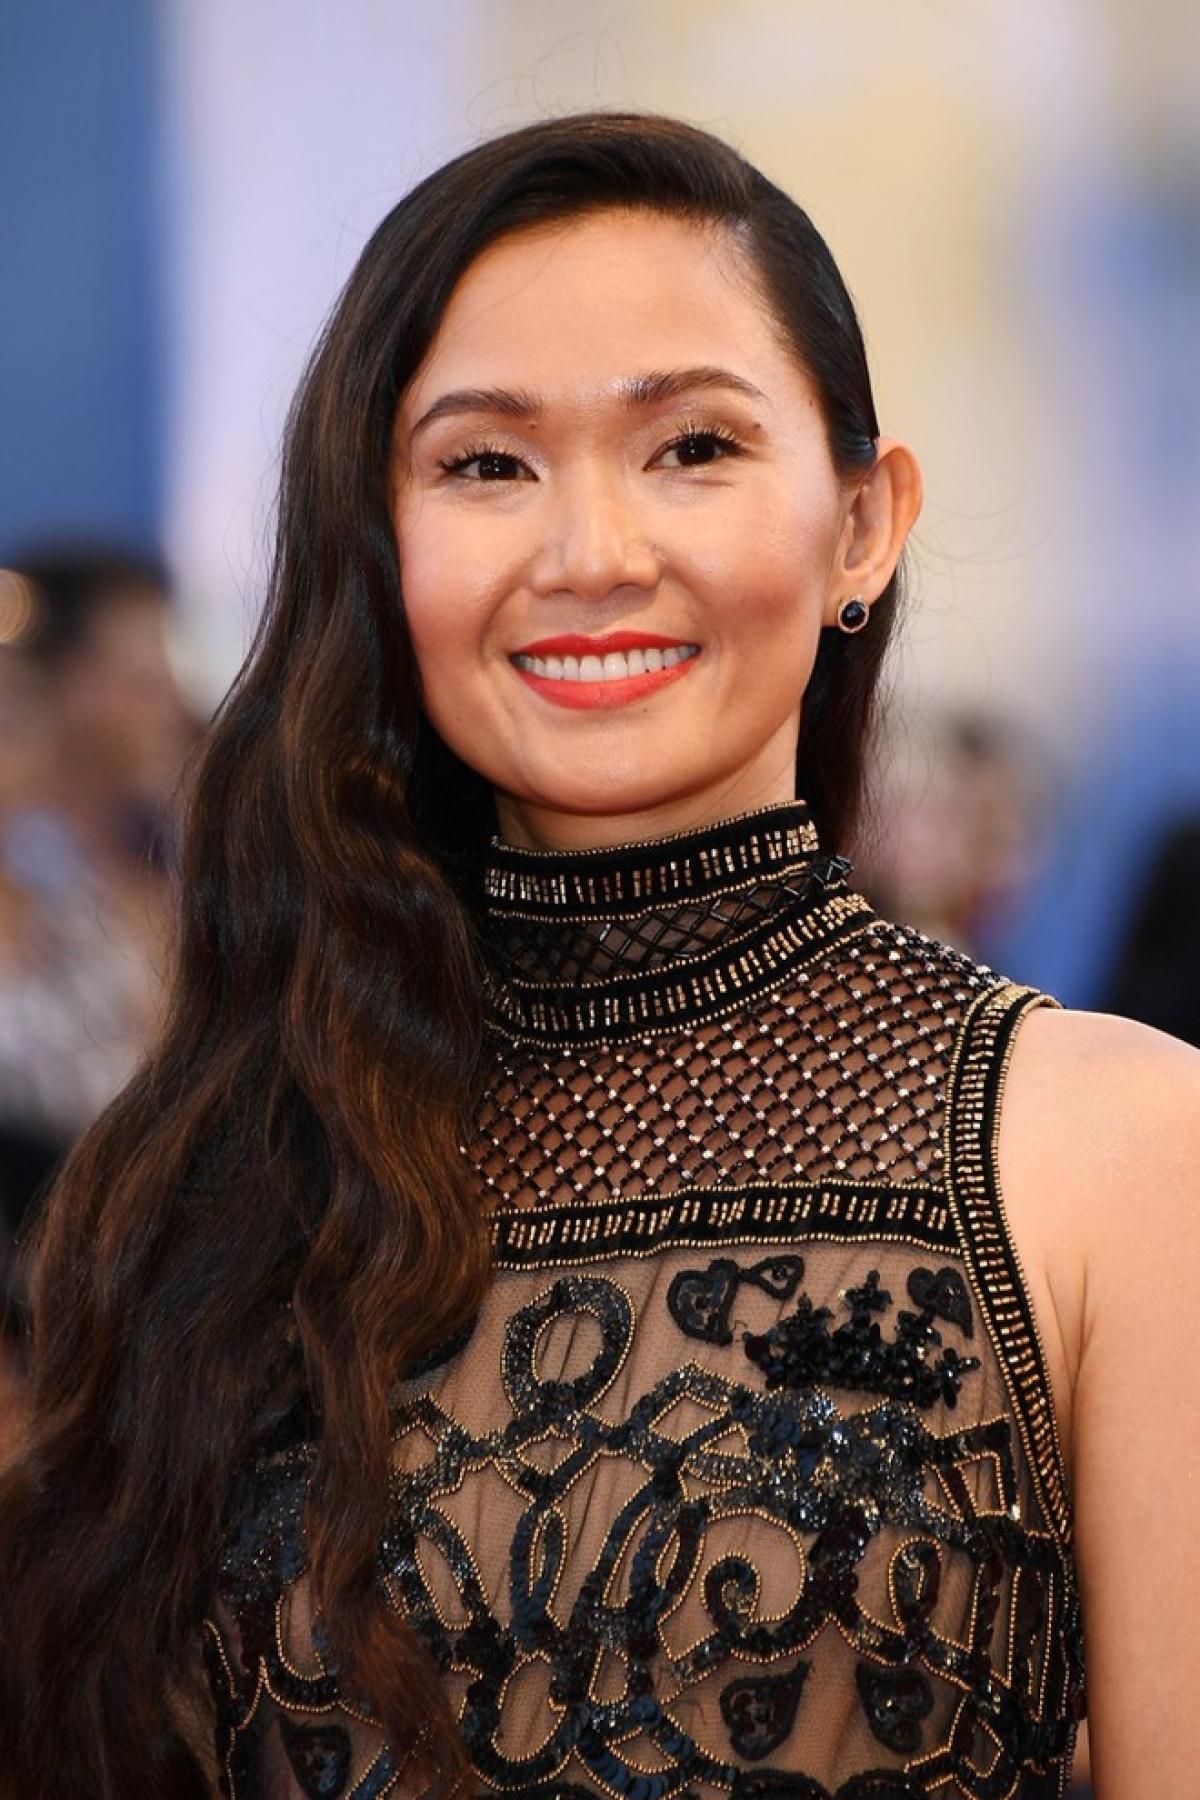 Điểm danh những mỹ nhân gốc Việt sáng giá nhất Hollywood hiện nay Ảnh 1